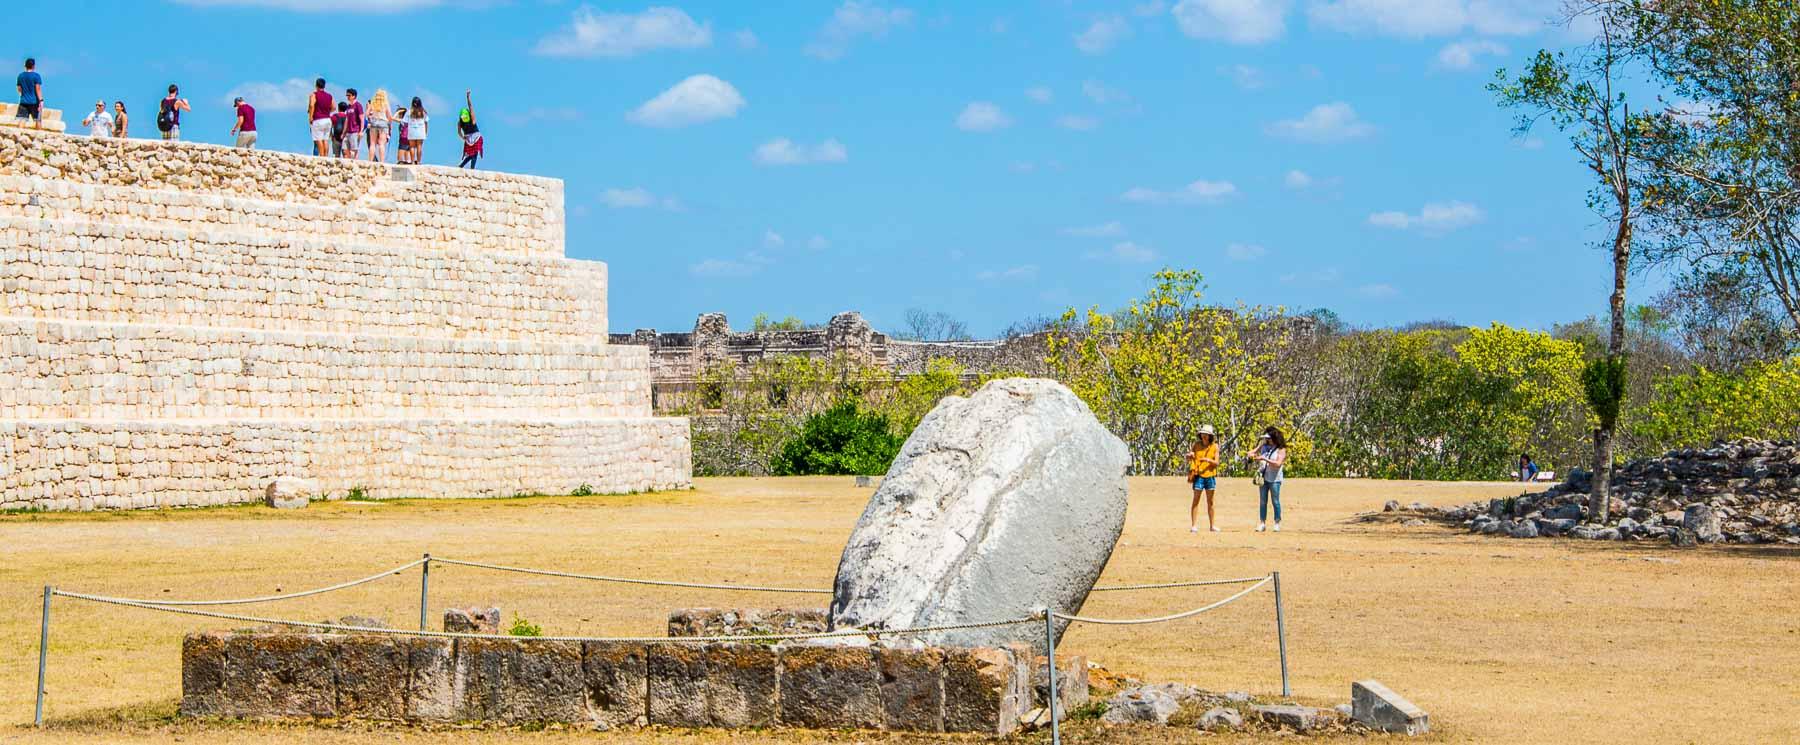 At Mayan ruins of Uxmal, a flogging stone or phallic symbol.